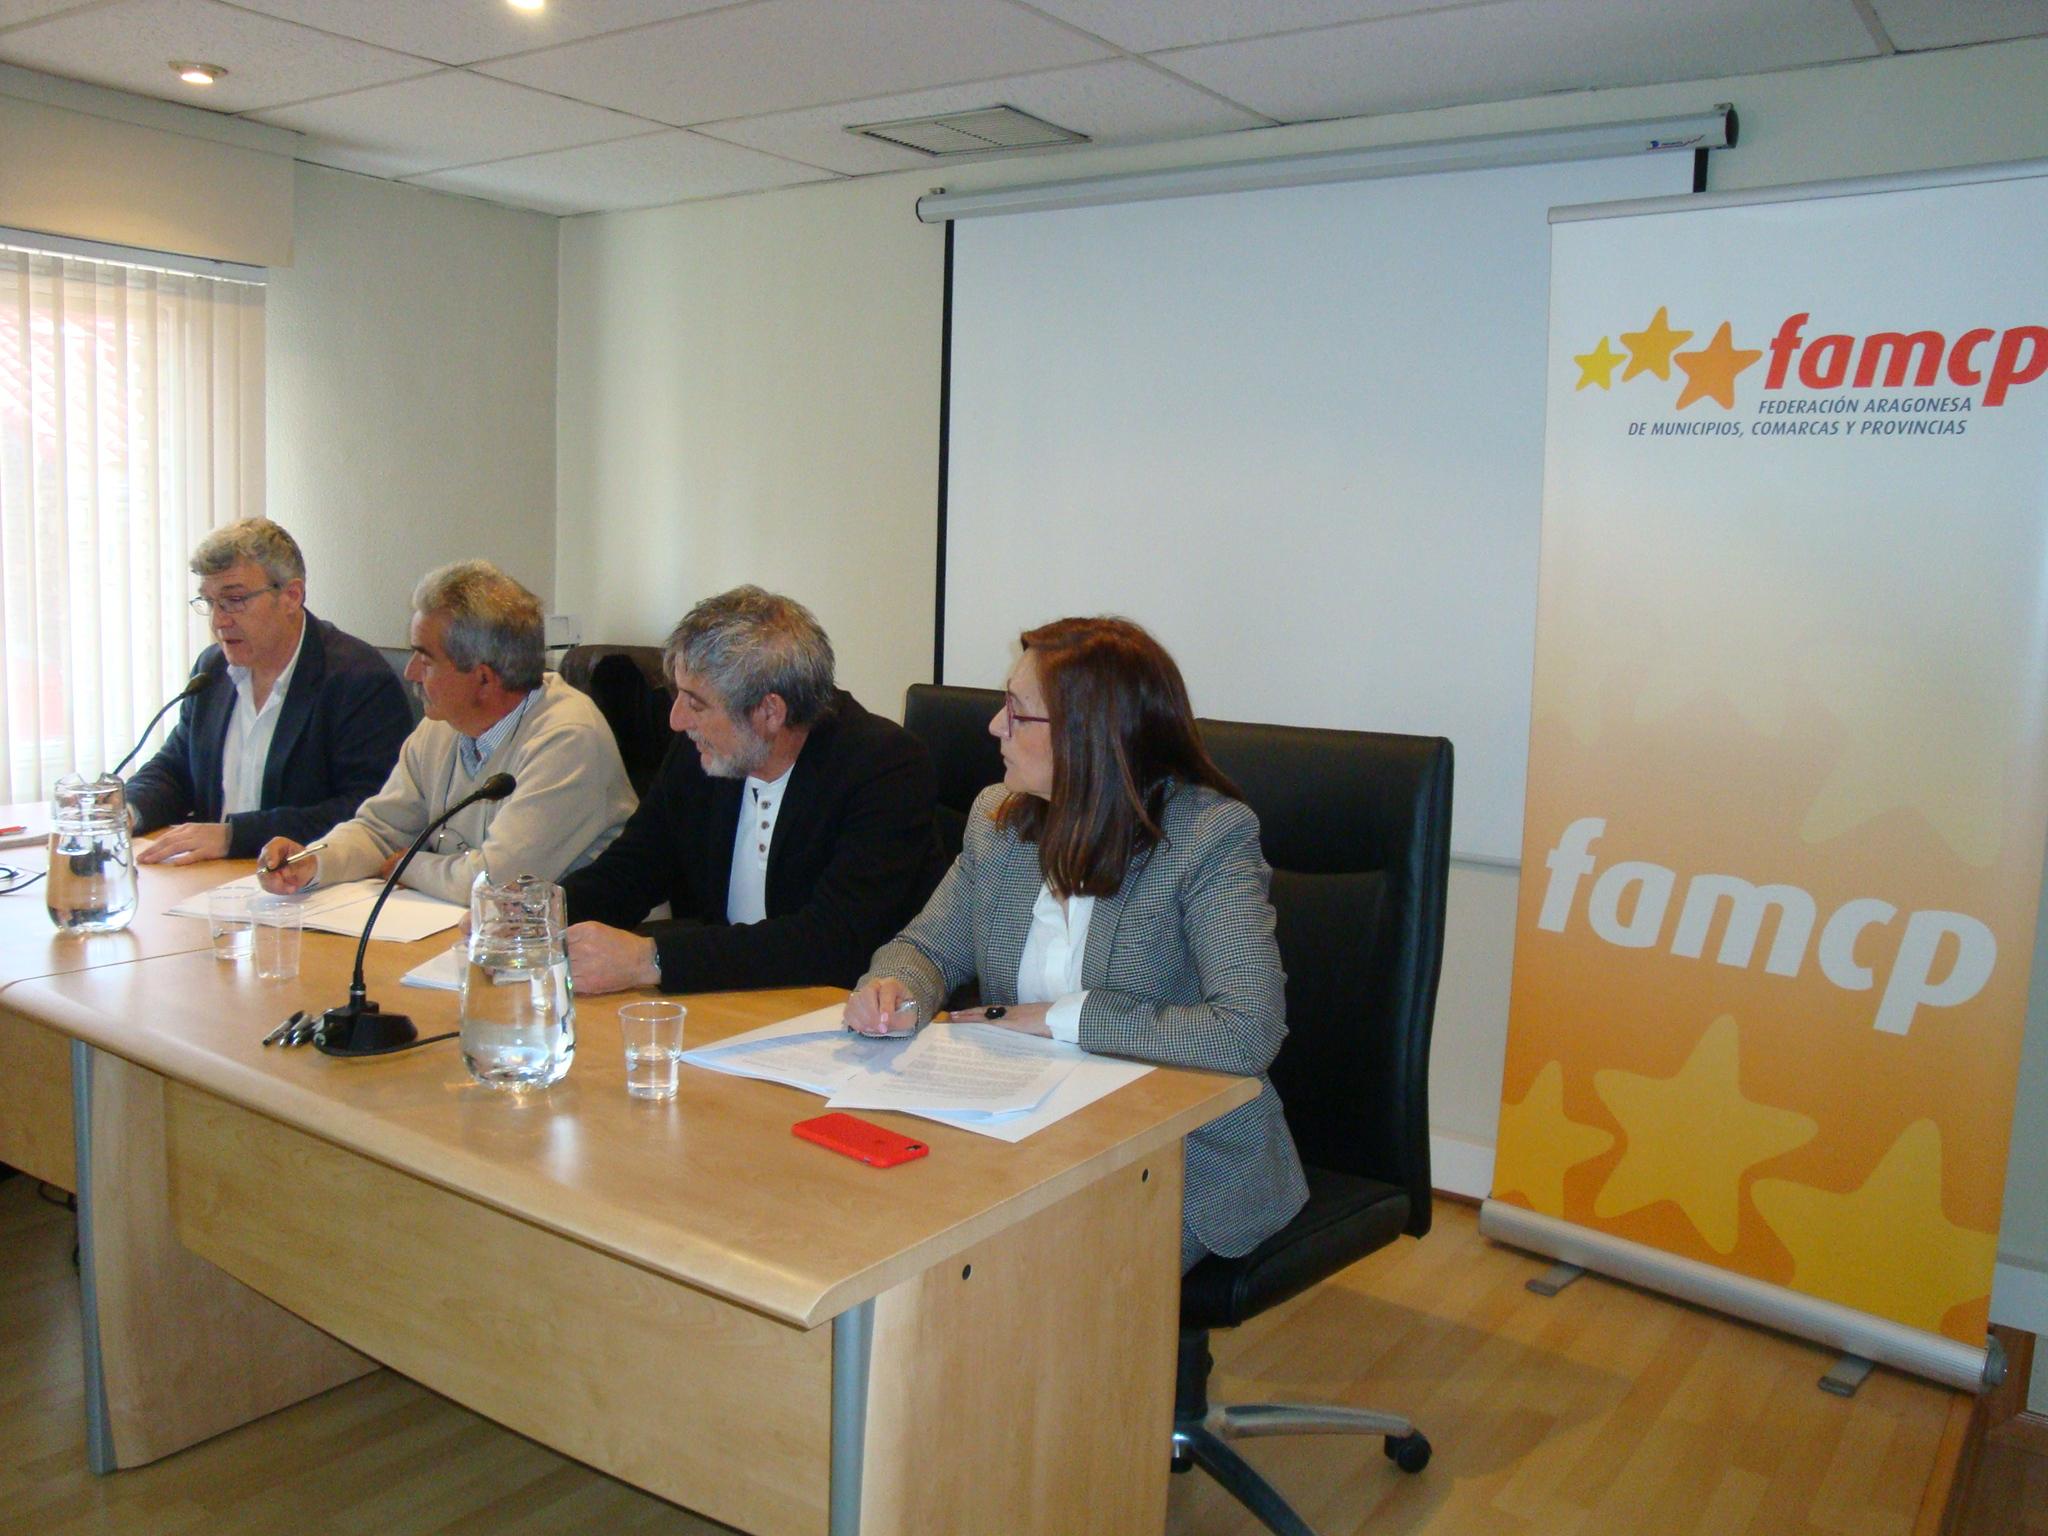 Desde la izquierda, Joaquín Santos, director gerente del IASS, Evaristo Cabistañ y José Antonio Ramo, presidente y vicepresidente de la Comisión de Comarcas, y Carmen Sanchez, presidenta de la FAMCP.